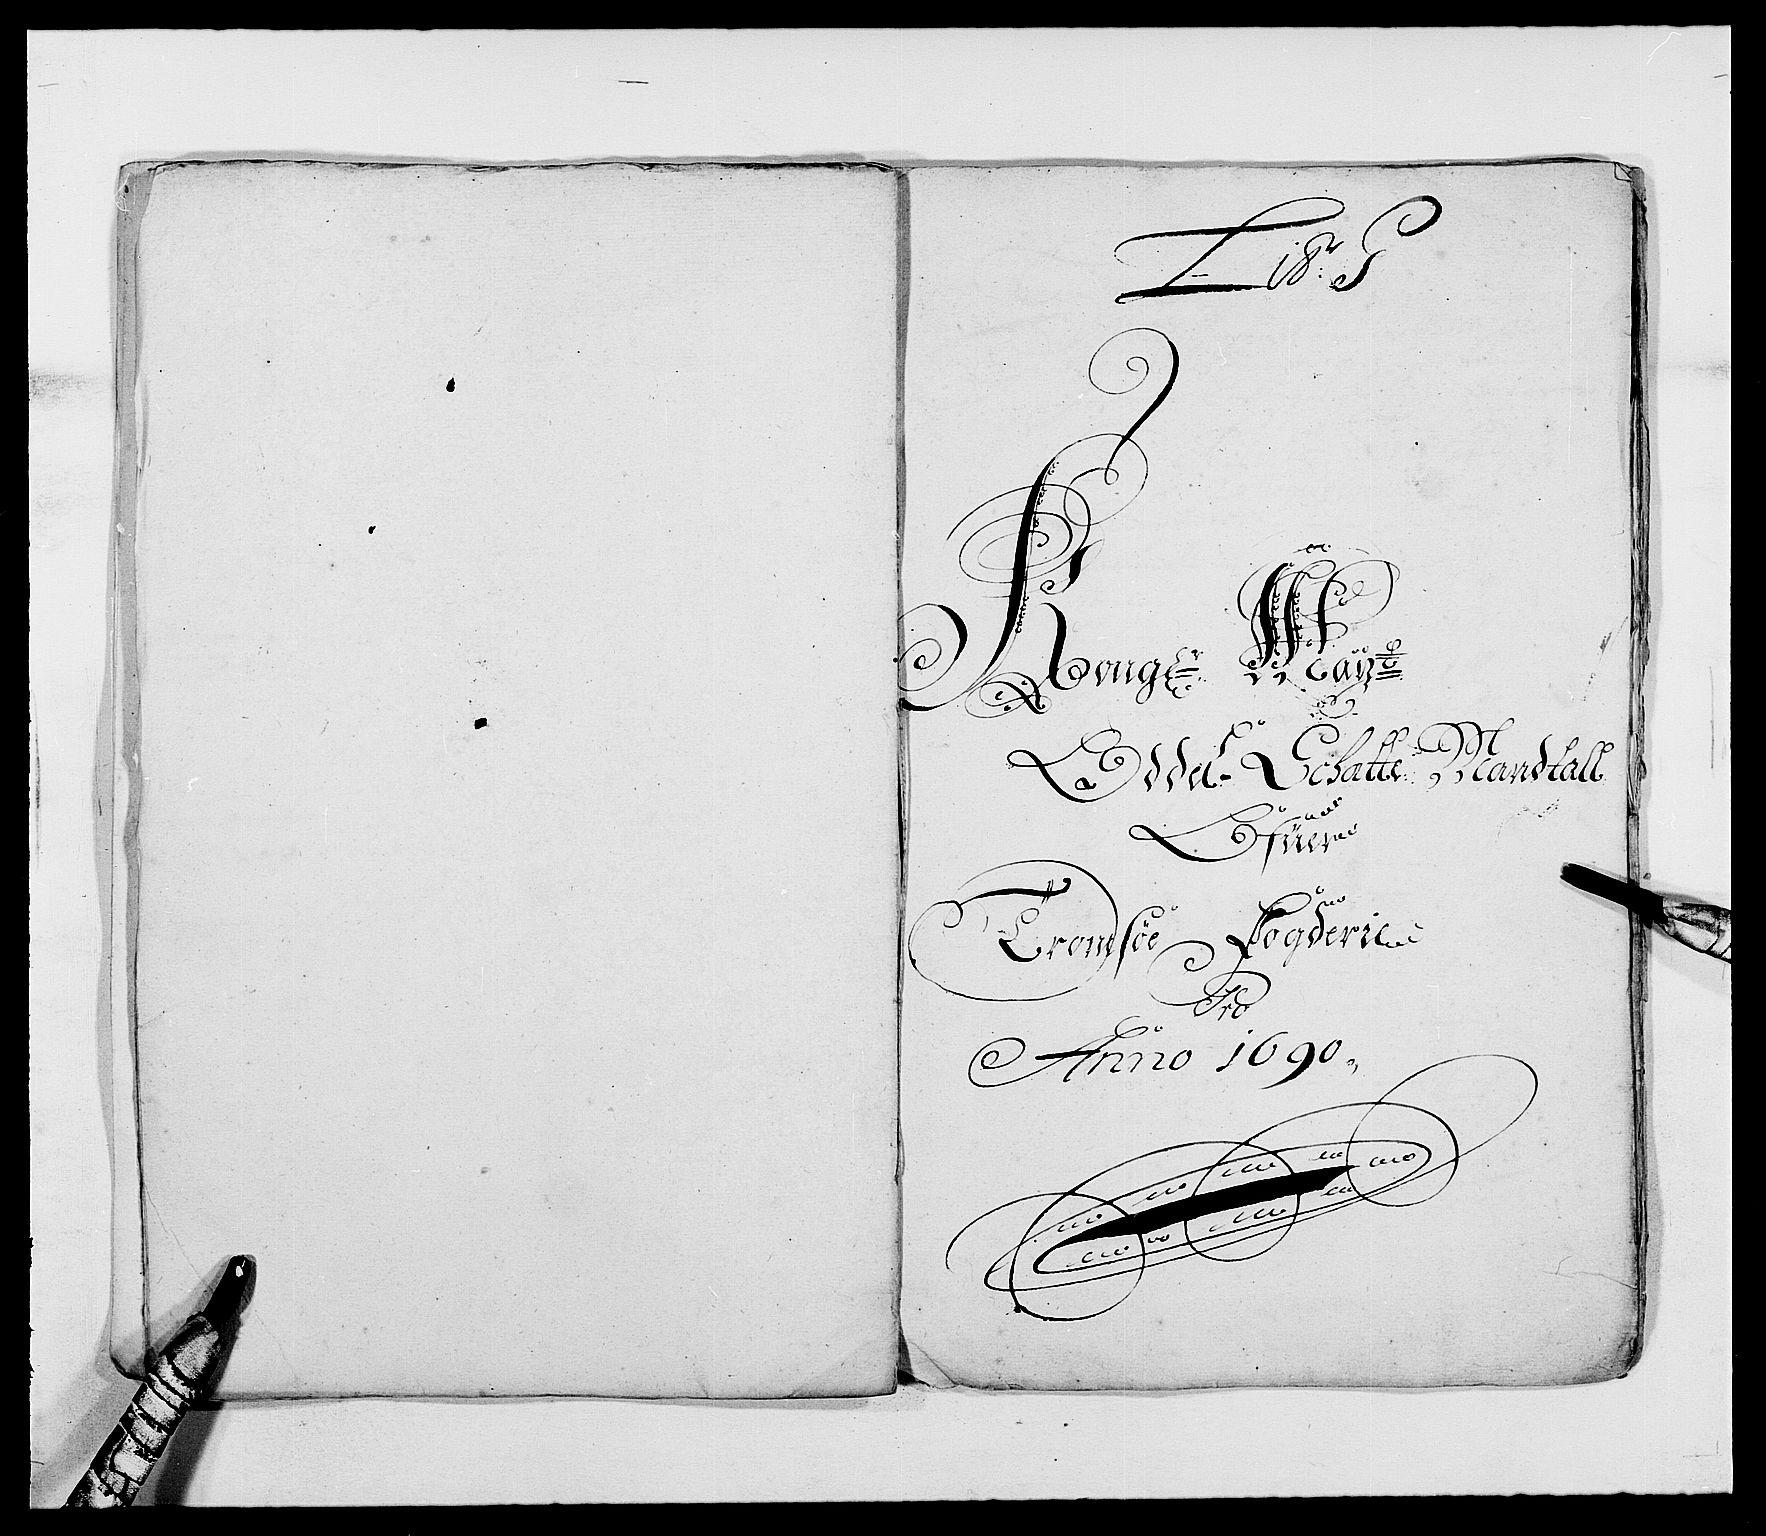 RA, Rentekammeret inntil 1814, Reviderte regnskaper, Fogderegnskap, R68/L4751: Fogderegnskap Senja og Troms, 1690-1693, s. 53